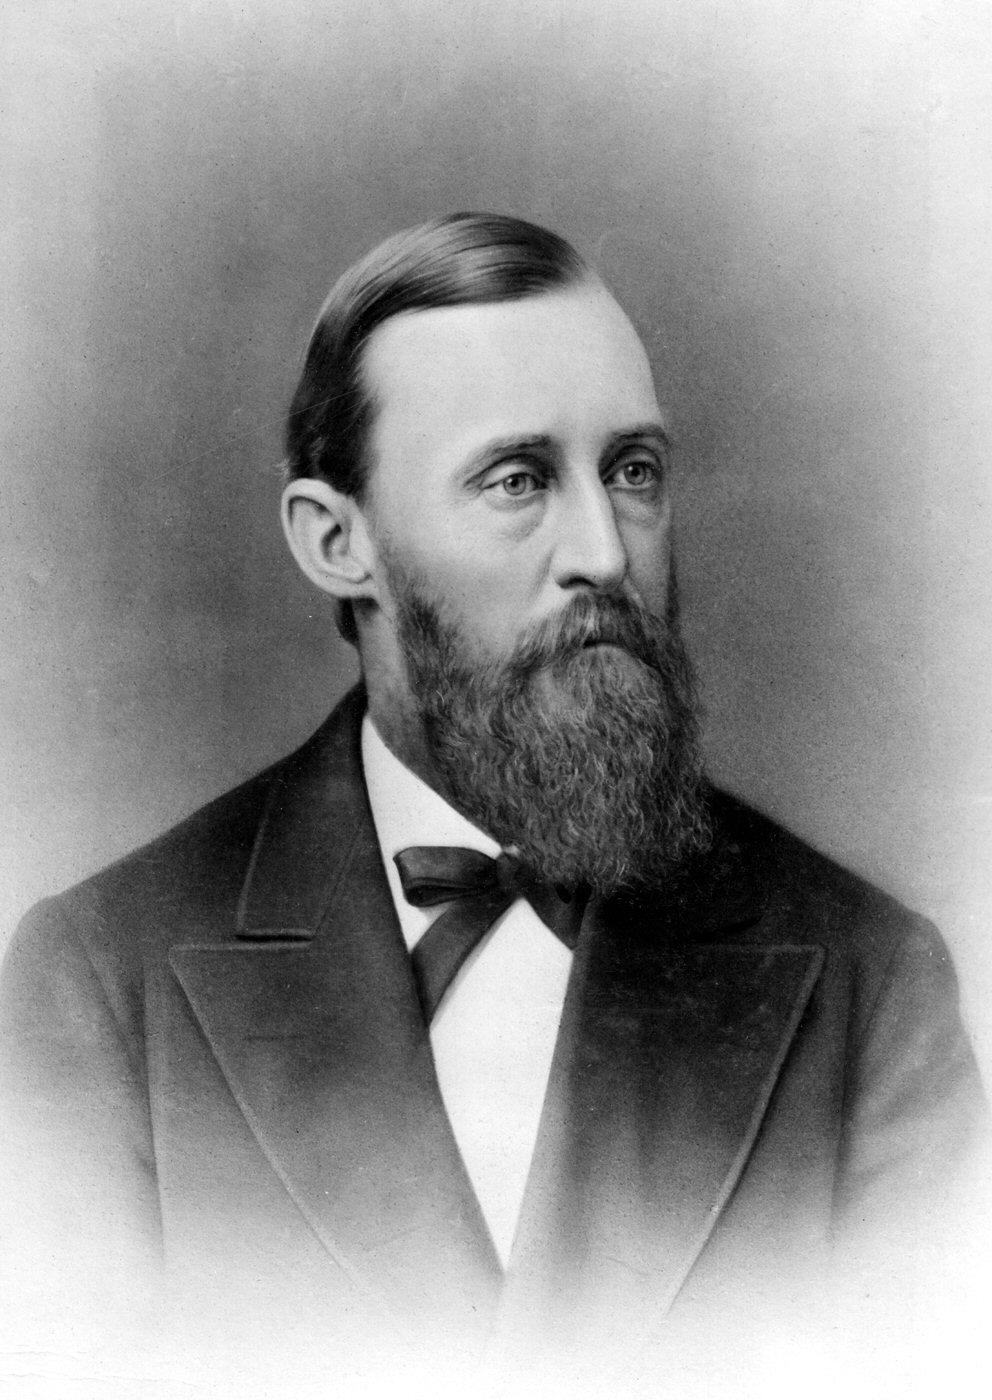 Ferdinand Vandeveer Hayden